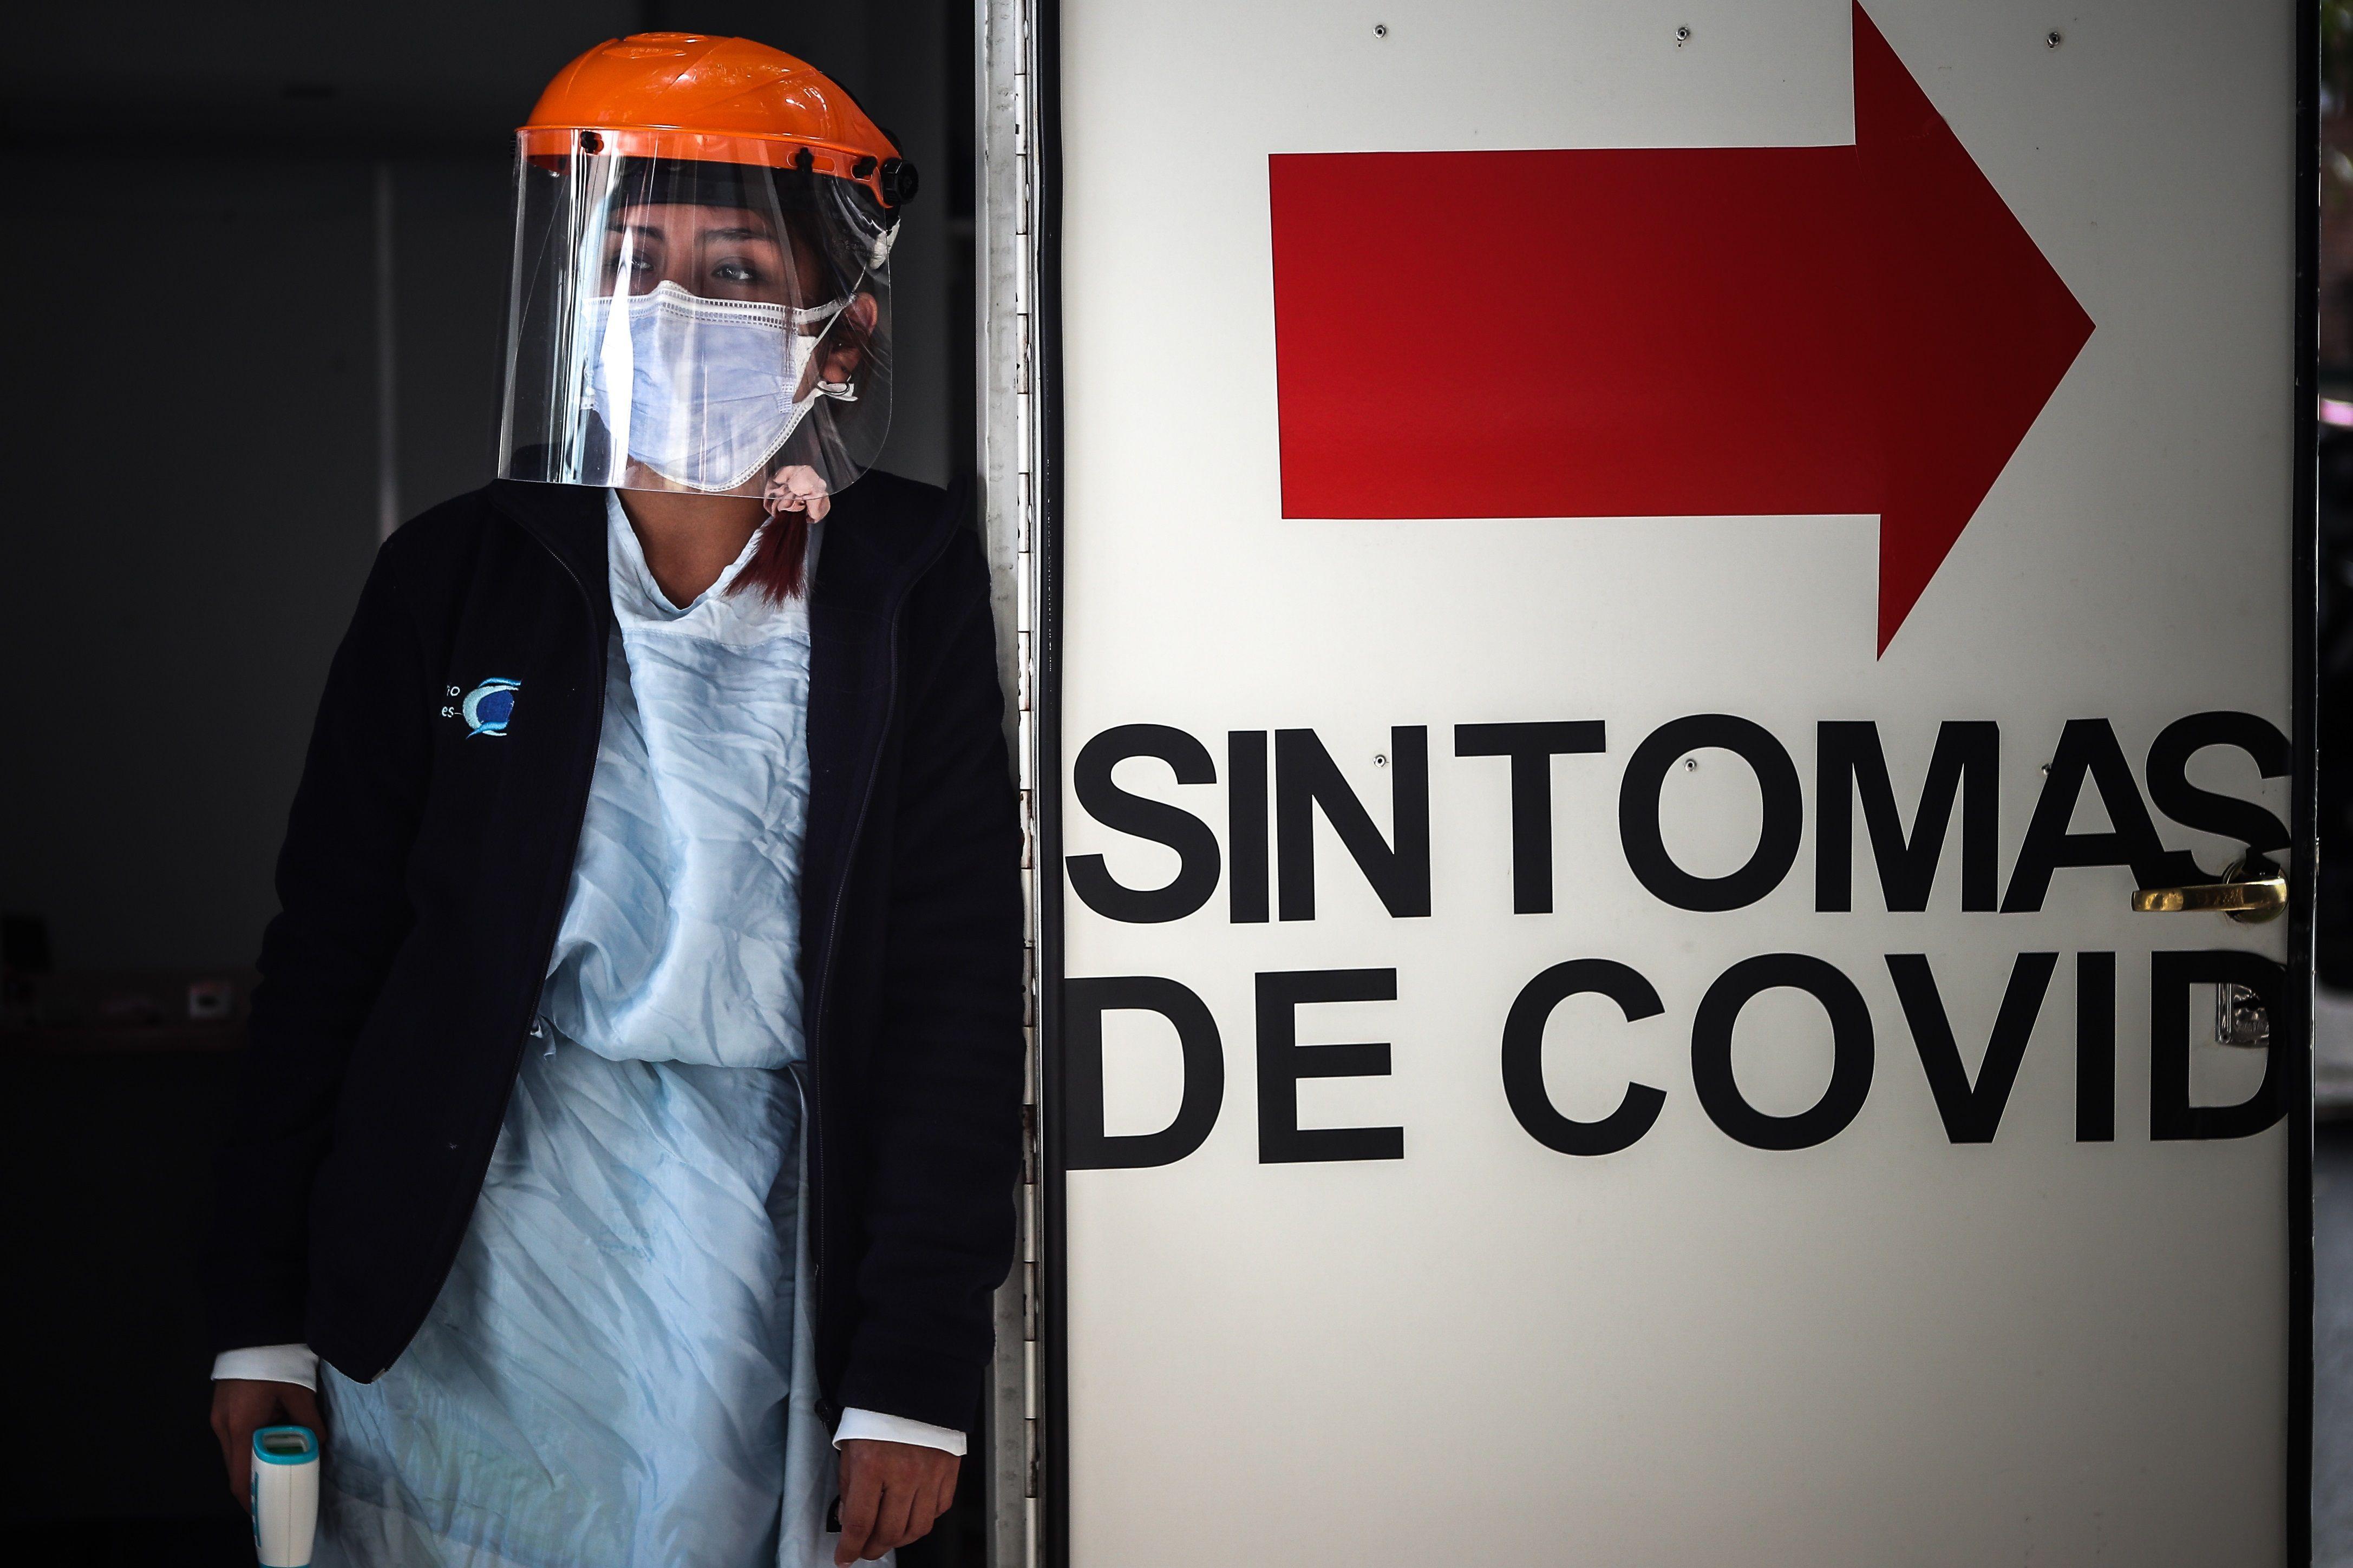 Los casos de coronavirus siguen siendo altos en todo el país (EFE/Juan Ignacio Roncoroni/Archivo)